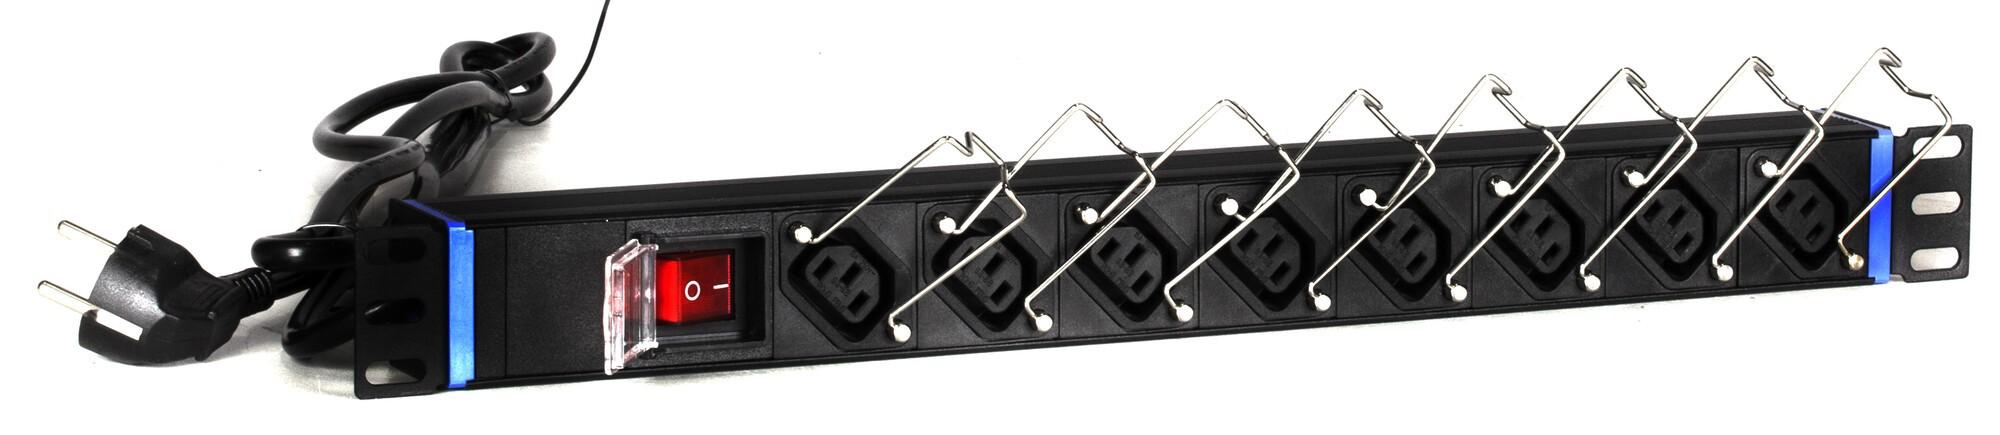 Afbeelding van 19 inch stekkerdoos, 8-voudig C13, 2m kabel, aluminium, zwart